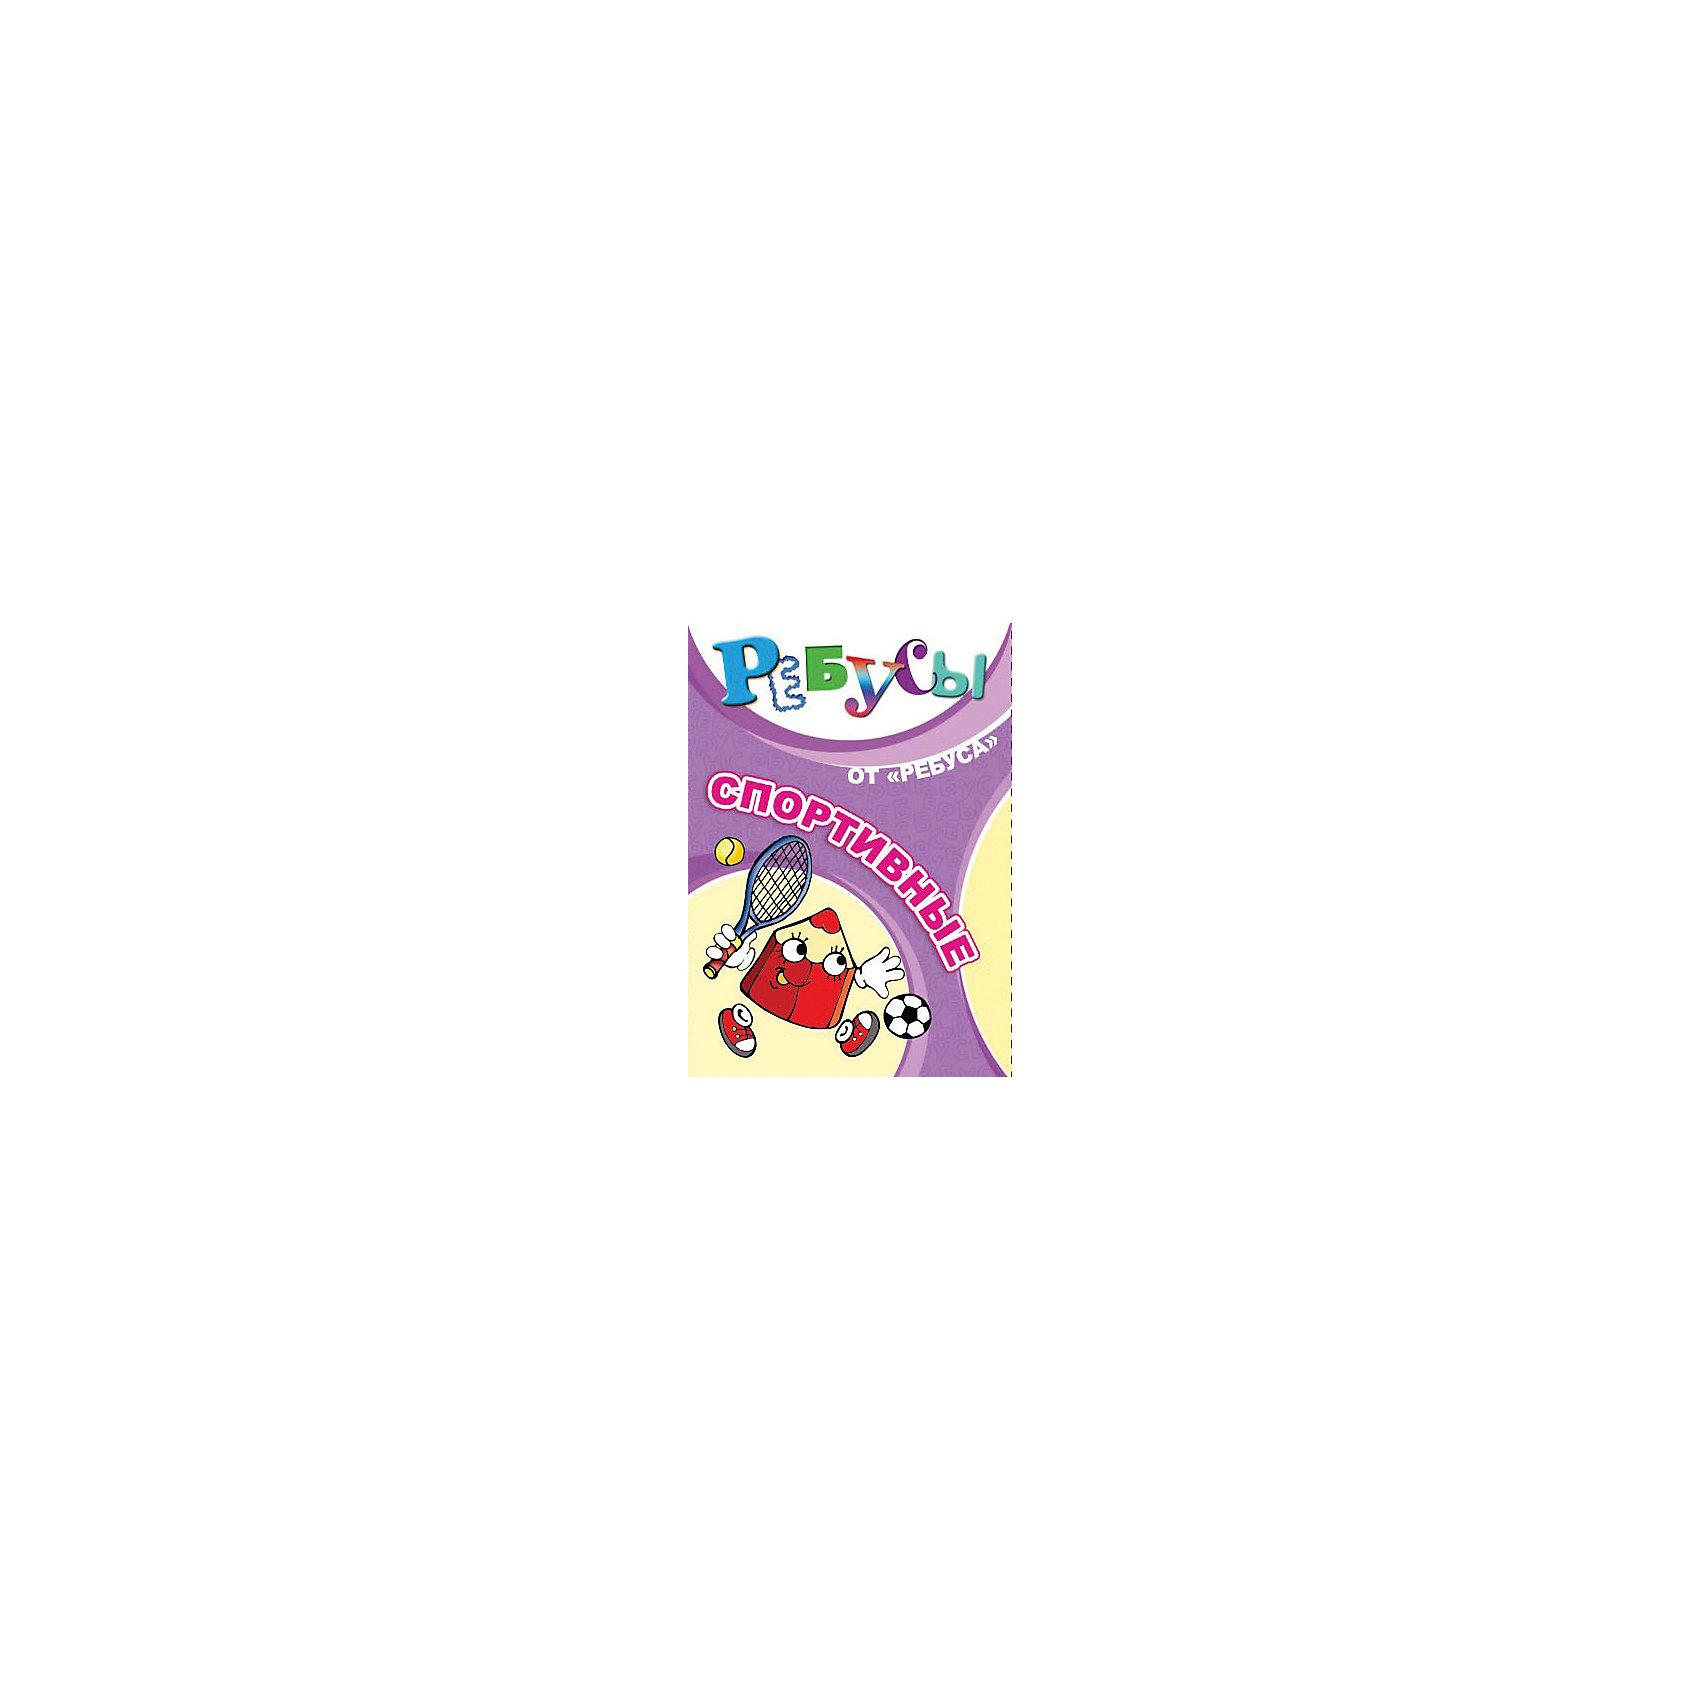 Ребусы  Спортивные, Игротека Татьяны БарчанВикторины, ребусы<br>Ребусы Спортивные, Игротека Татьяны Барчан.<br><br>Характеристики:<br><br>• Для детей в возрасте: от 6 до 12 лет<br>• В комплекте: 20 карточек с ребусами, инструкция, ответы<br>• Размер карточек: 10х6,5 см.<br>• Материал: плотный качественный картон<br>• Производитель: ЦОТР Ребус (Россия)<br>• Упаковка: картонная коробка<br>• Размер упаковки: 115х85х20 мм.<br>• Вес: 60 гр.<br><br>Для юных спортсменов и интеллектуалов комплект игровых карточек с ребусами станет отличным развлечением на досуге. В наборе 20 зашифрованных слов на спортивную тему и инструкция с описаниями того, как следует читать картинки, что означают нарисованные запятые, перечеркнутые буквы и числа. <br><br>Задания можно использовать в конкурсах, викторинах, на праздниках. Небольшой формат позволяет взять игру в дорогу. Занимательный процесс разгадывания ребусов способствует развитию у детей внимания, пространственно-логического мышления и наблюдательности.<br><br>Ребусы Спортивные, Игротека Татьяны Барчан можно купить в нашем интернет-магазине.<br><br>Ширина мм: 120<br>Глубина мм: 85<br>Высота мм: 20<br>Вес г: 50<br>Возраст от месяцев: 72<br>Возраст до месяцев: 144<br>Пол: Унисекс<br>Возраст: Детский<br>SKU: 6751355